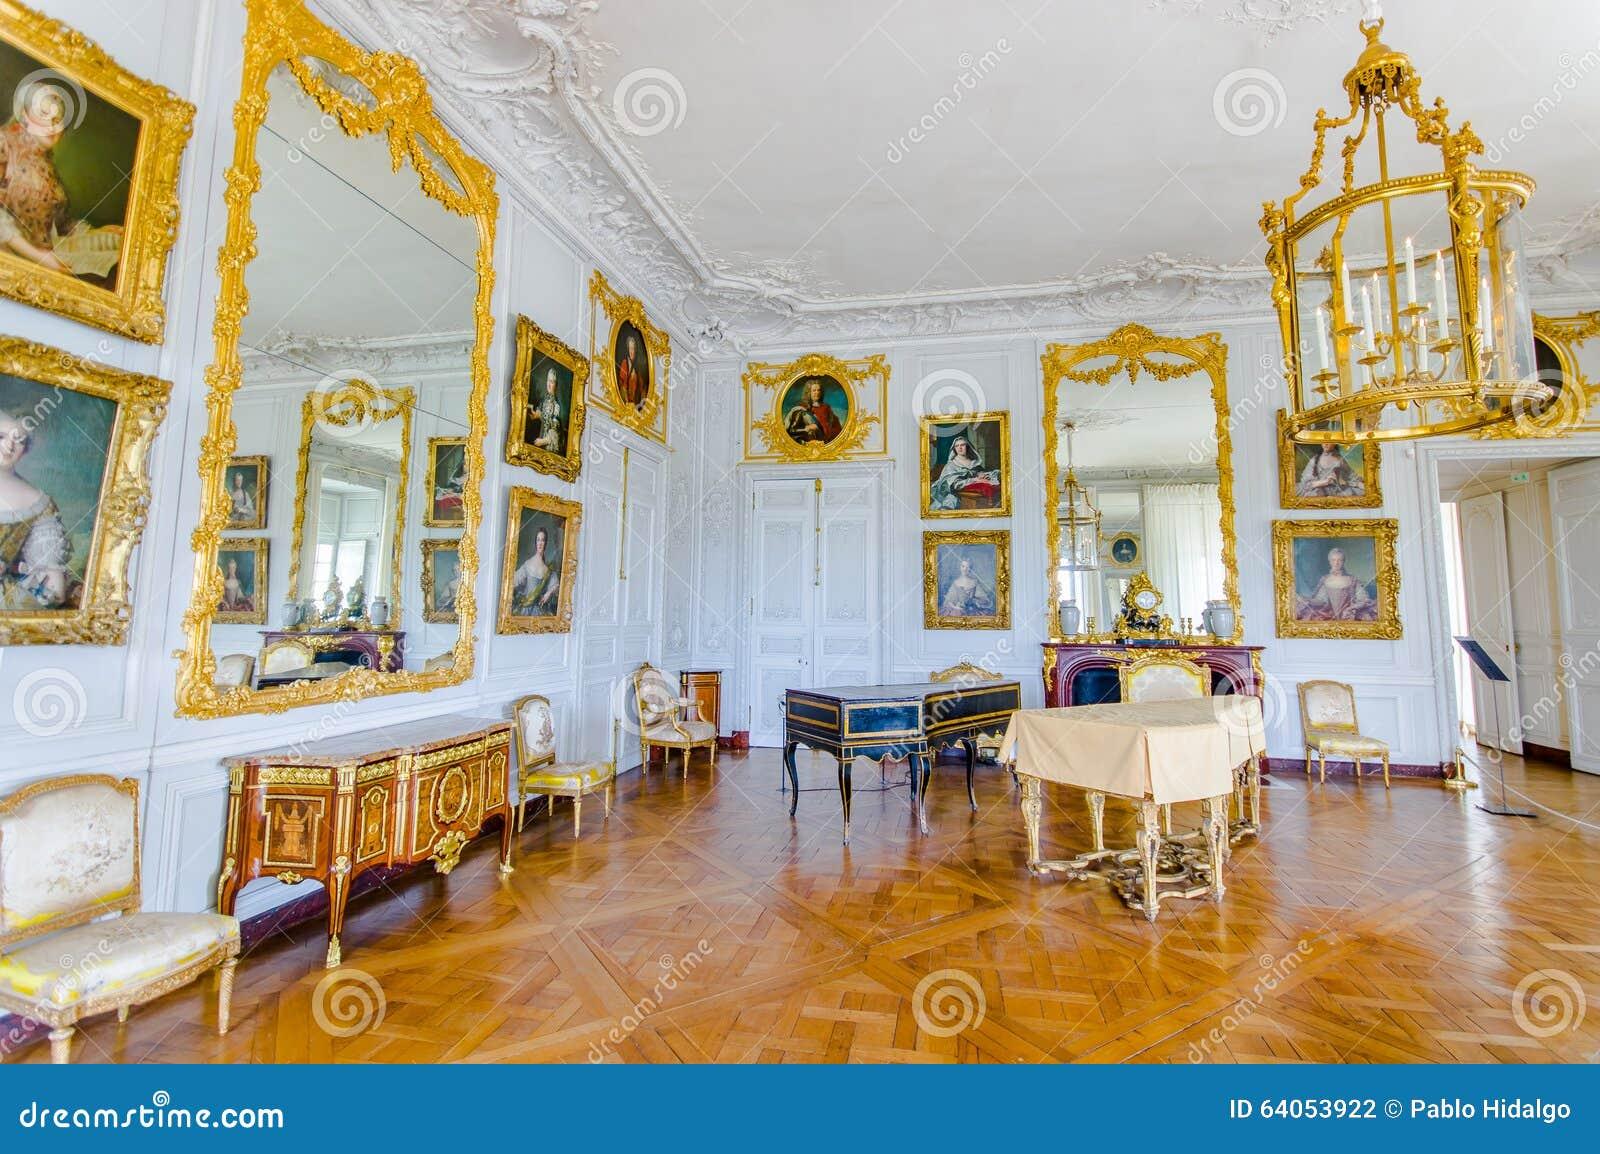 Int rieurs du ch teau de versailles pr s de paris for Chateau de versailles interieur